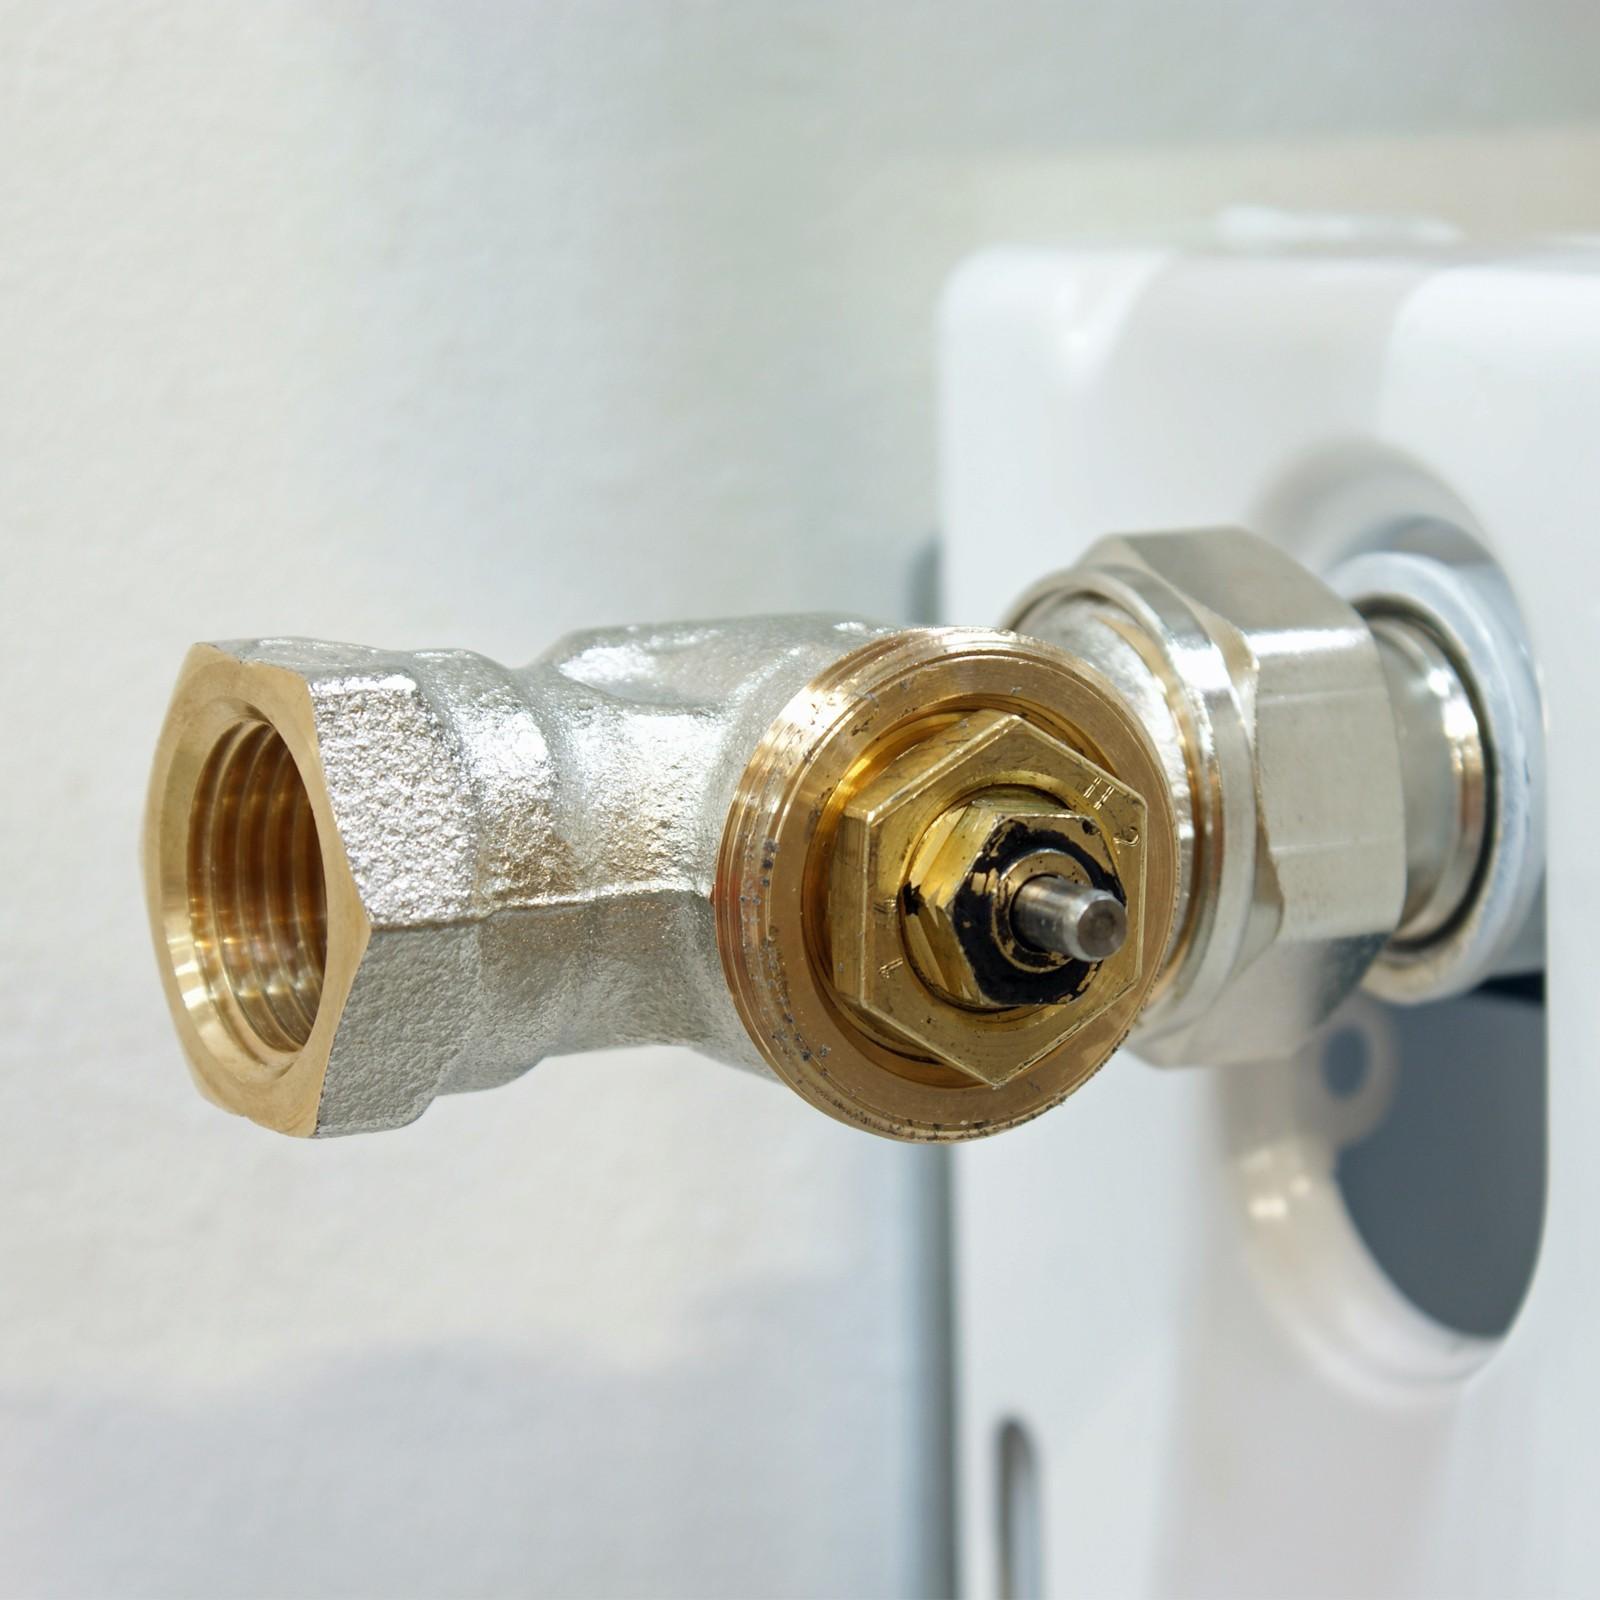 ventilunterteil 1 2 zoll durchgang heizk rperventil thermostatventil. Black Bedroom Furniture Sets. Home Design Ideas